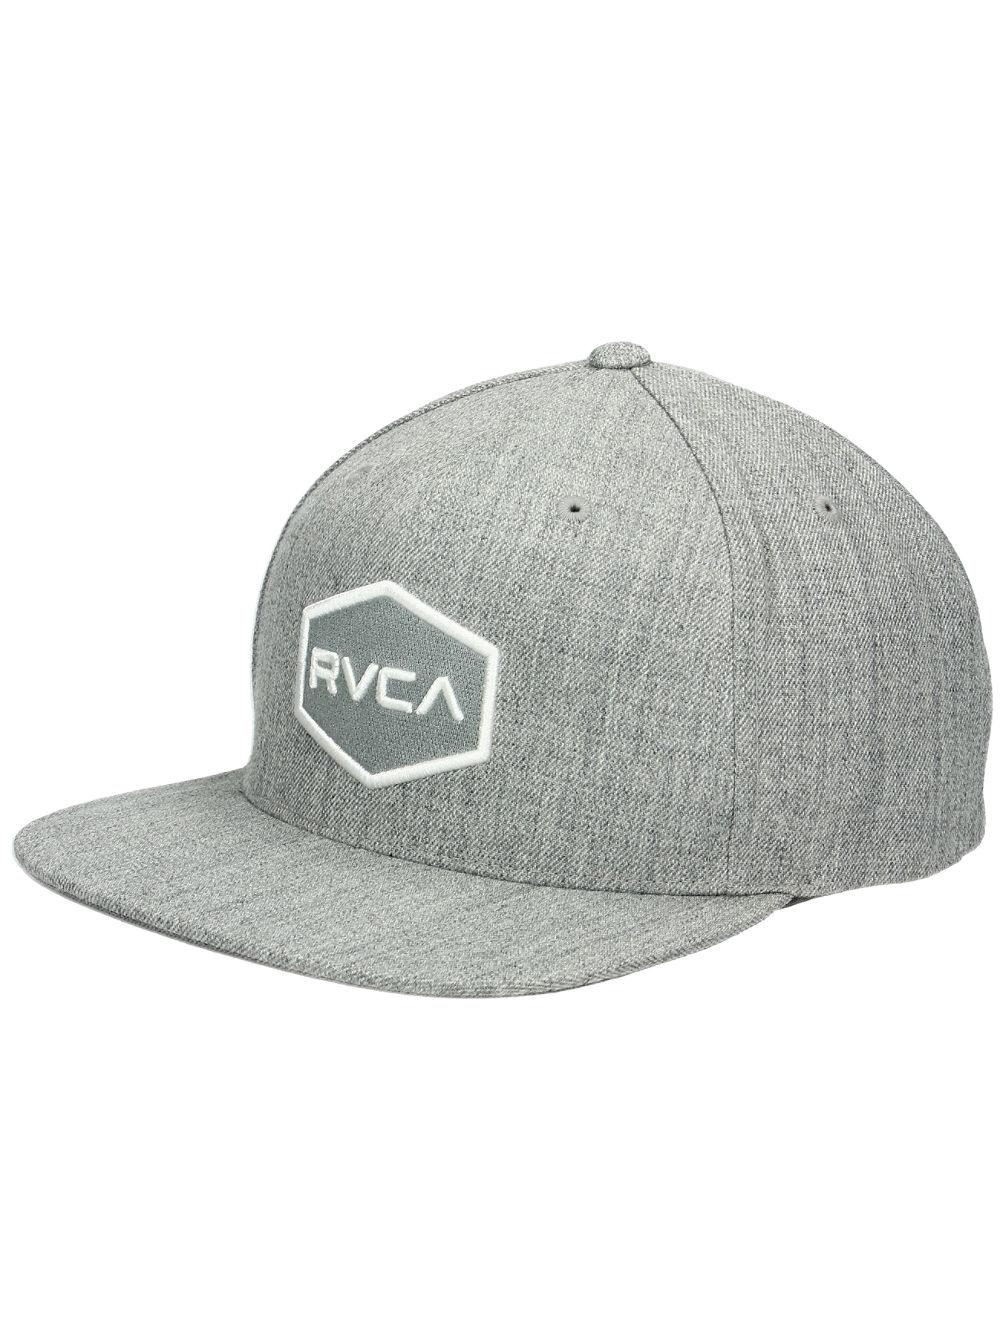 commonwealth-snapback-cap